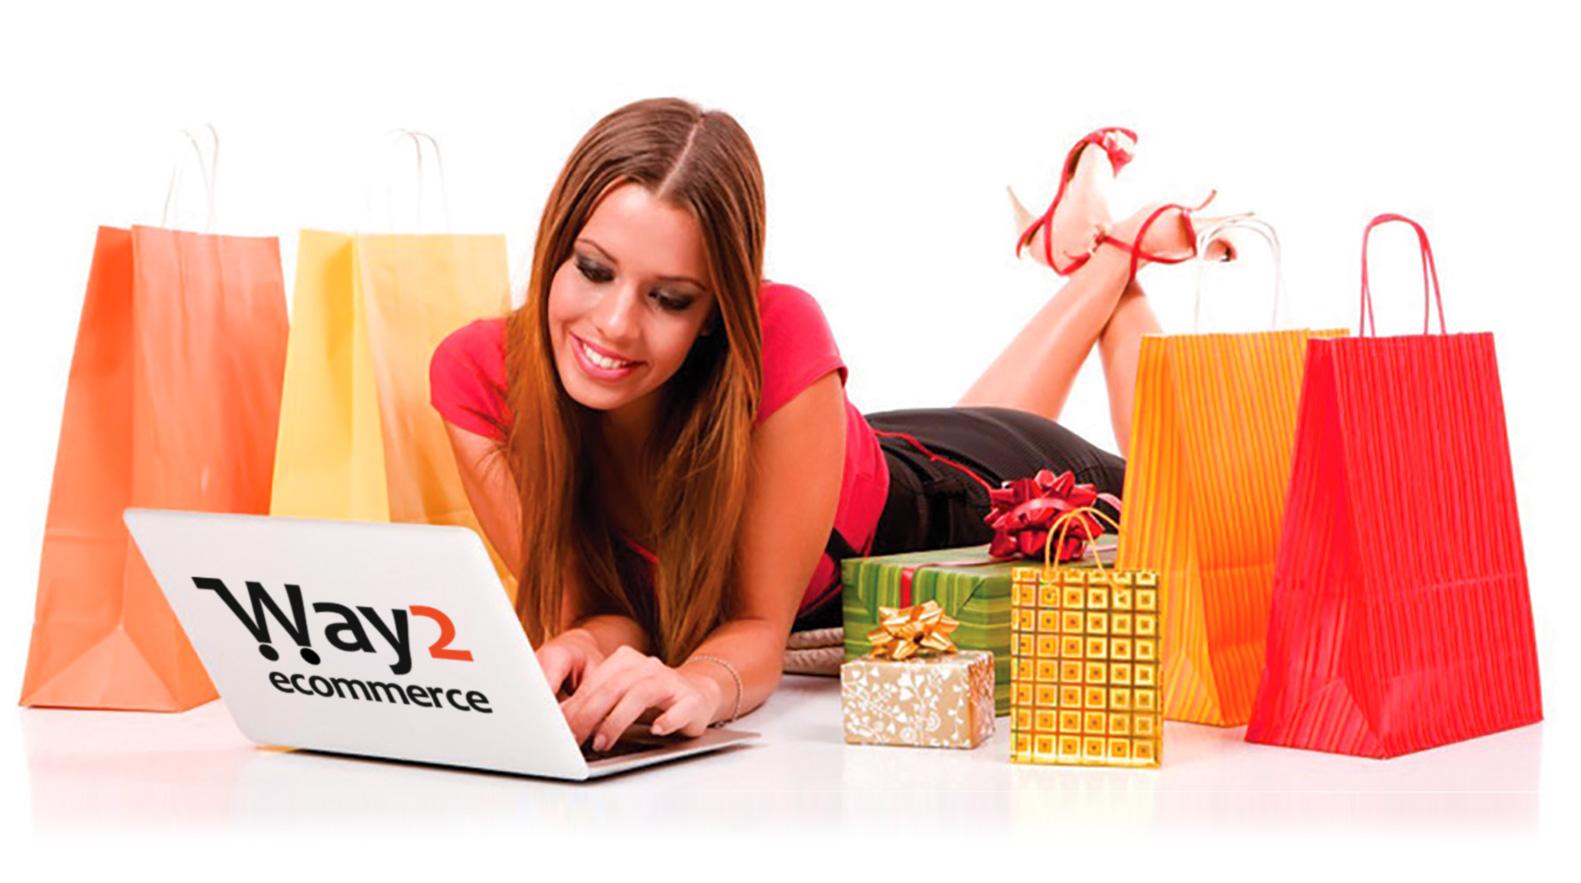 Los 5 mejores temas de Magento para vender moda online